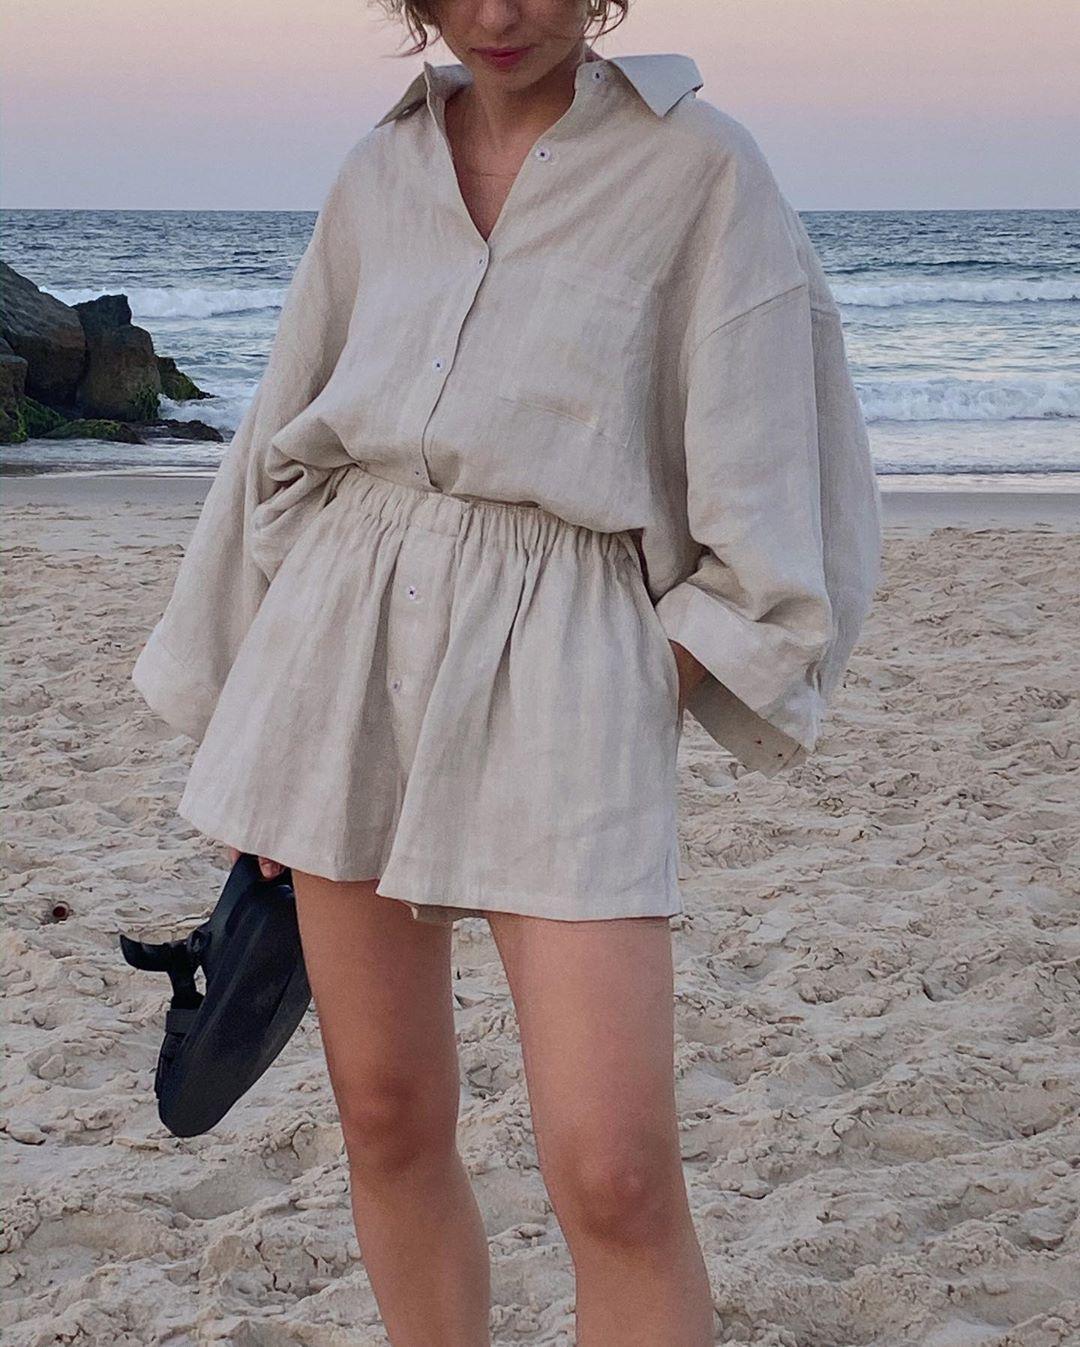 trang phục monochrome màu be quần shorts áo sơmi vải linen biển